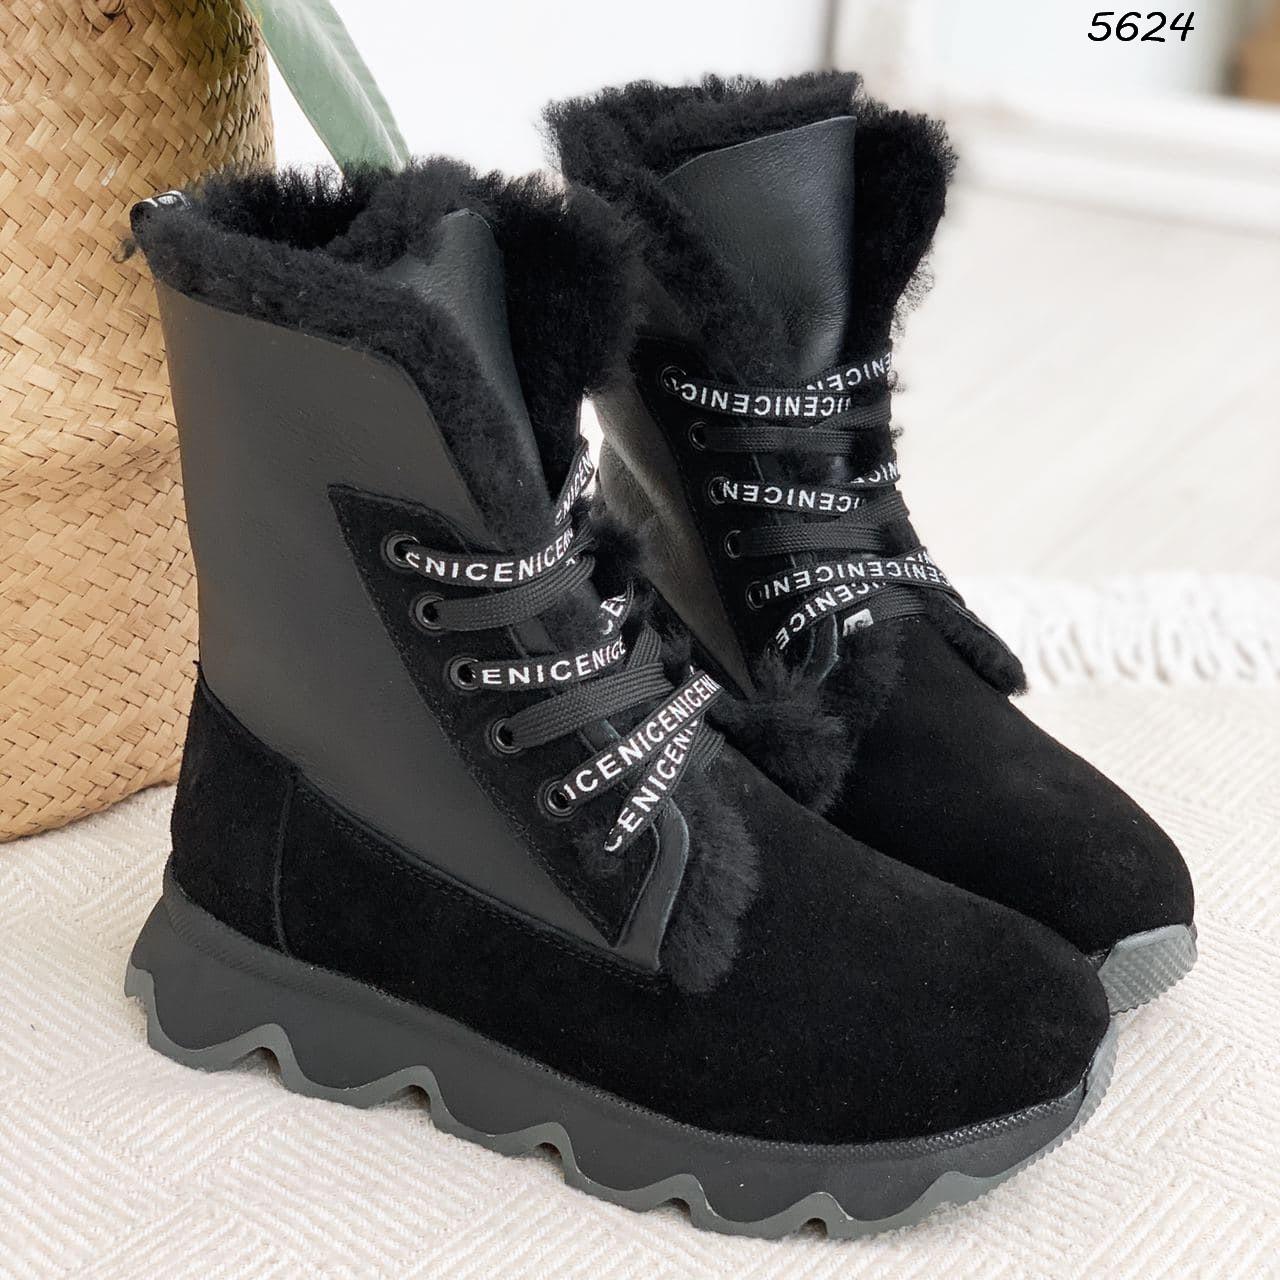 23,5 см Ботинки женские зимние зима черные замшевые на низком ходу низкий ход из натуральной замши замша